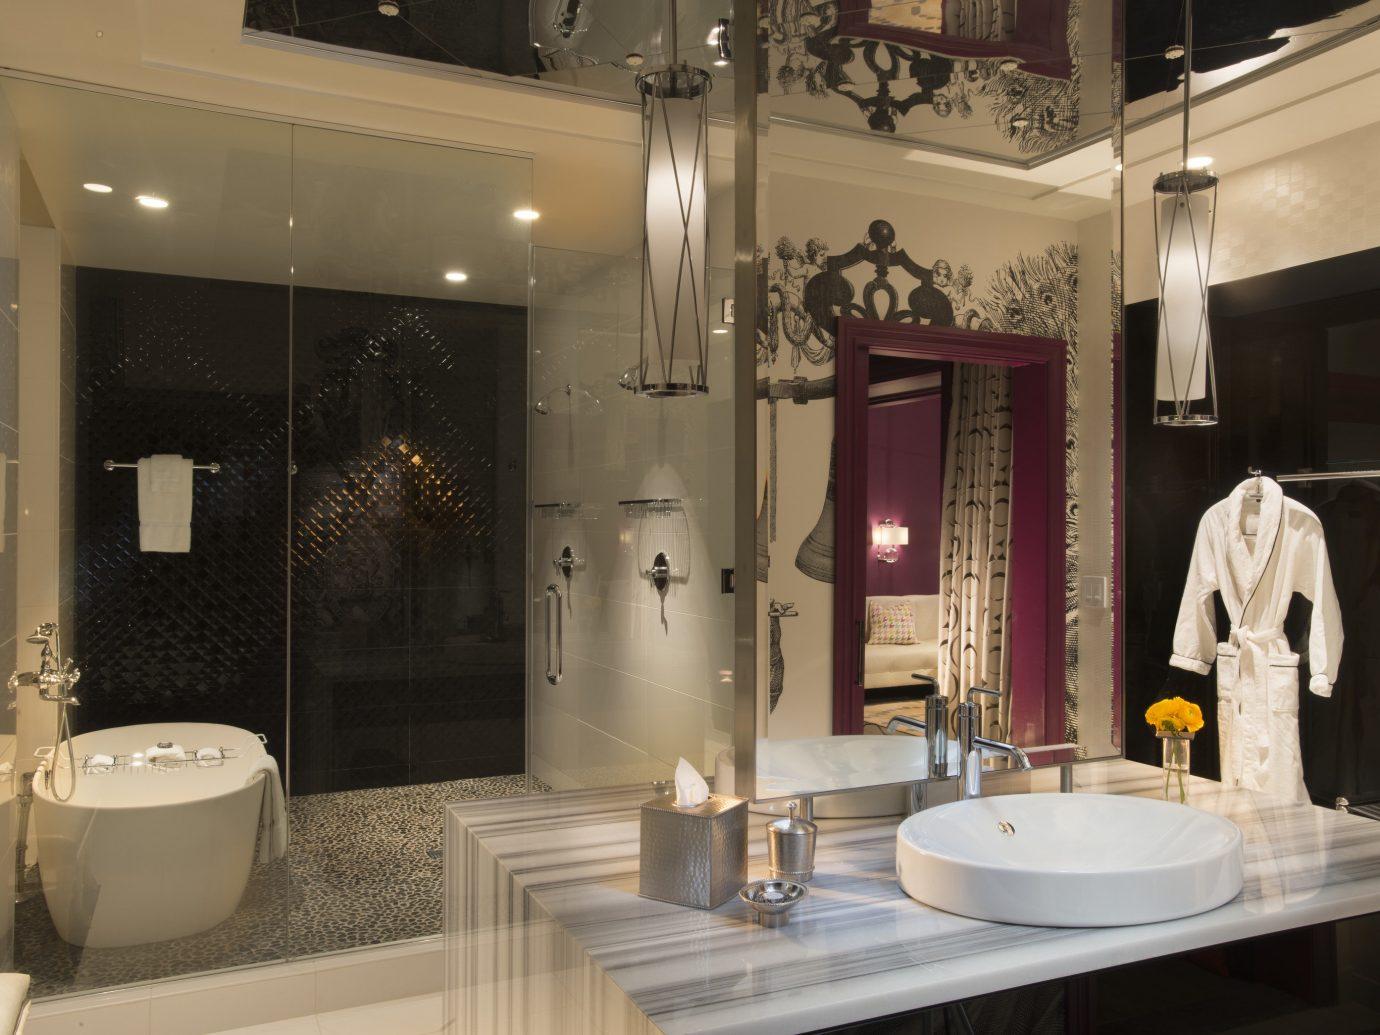 Boutique Hotels Hotels Philadelphia room interior design bathroom flooring ceiling public toilet